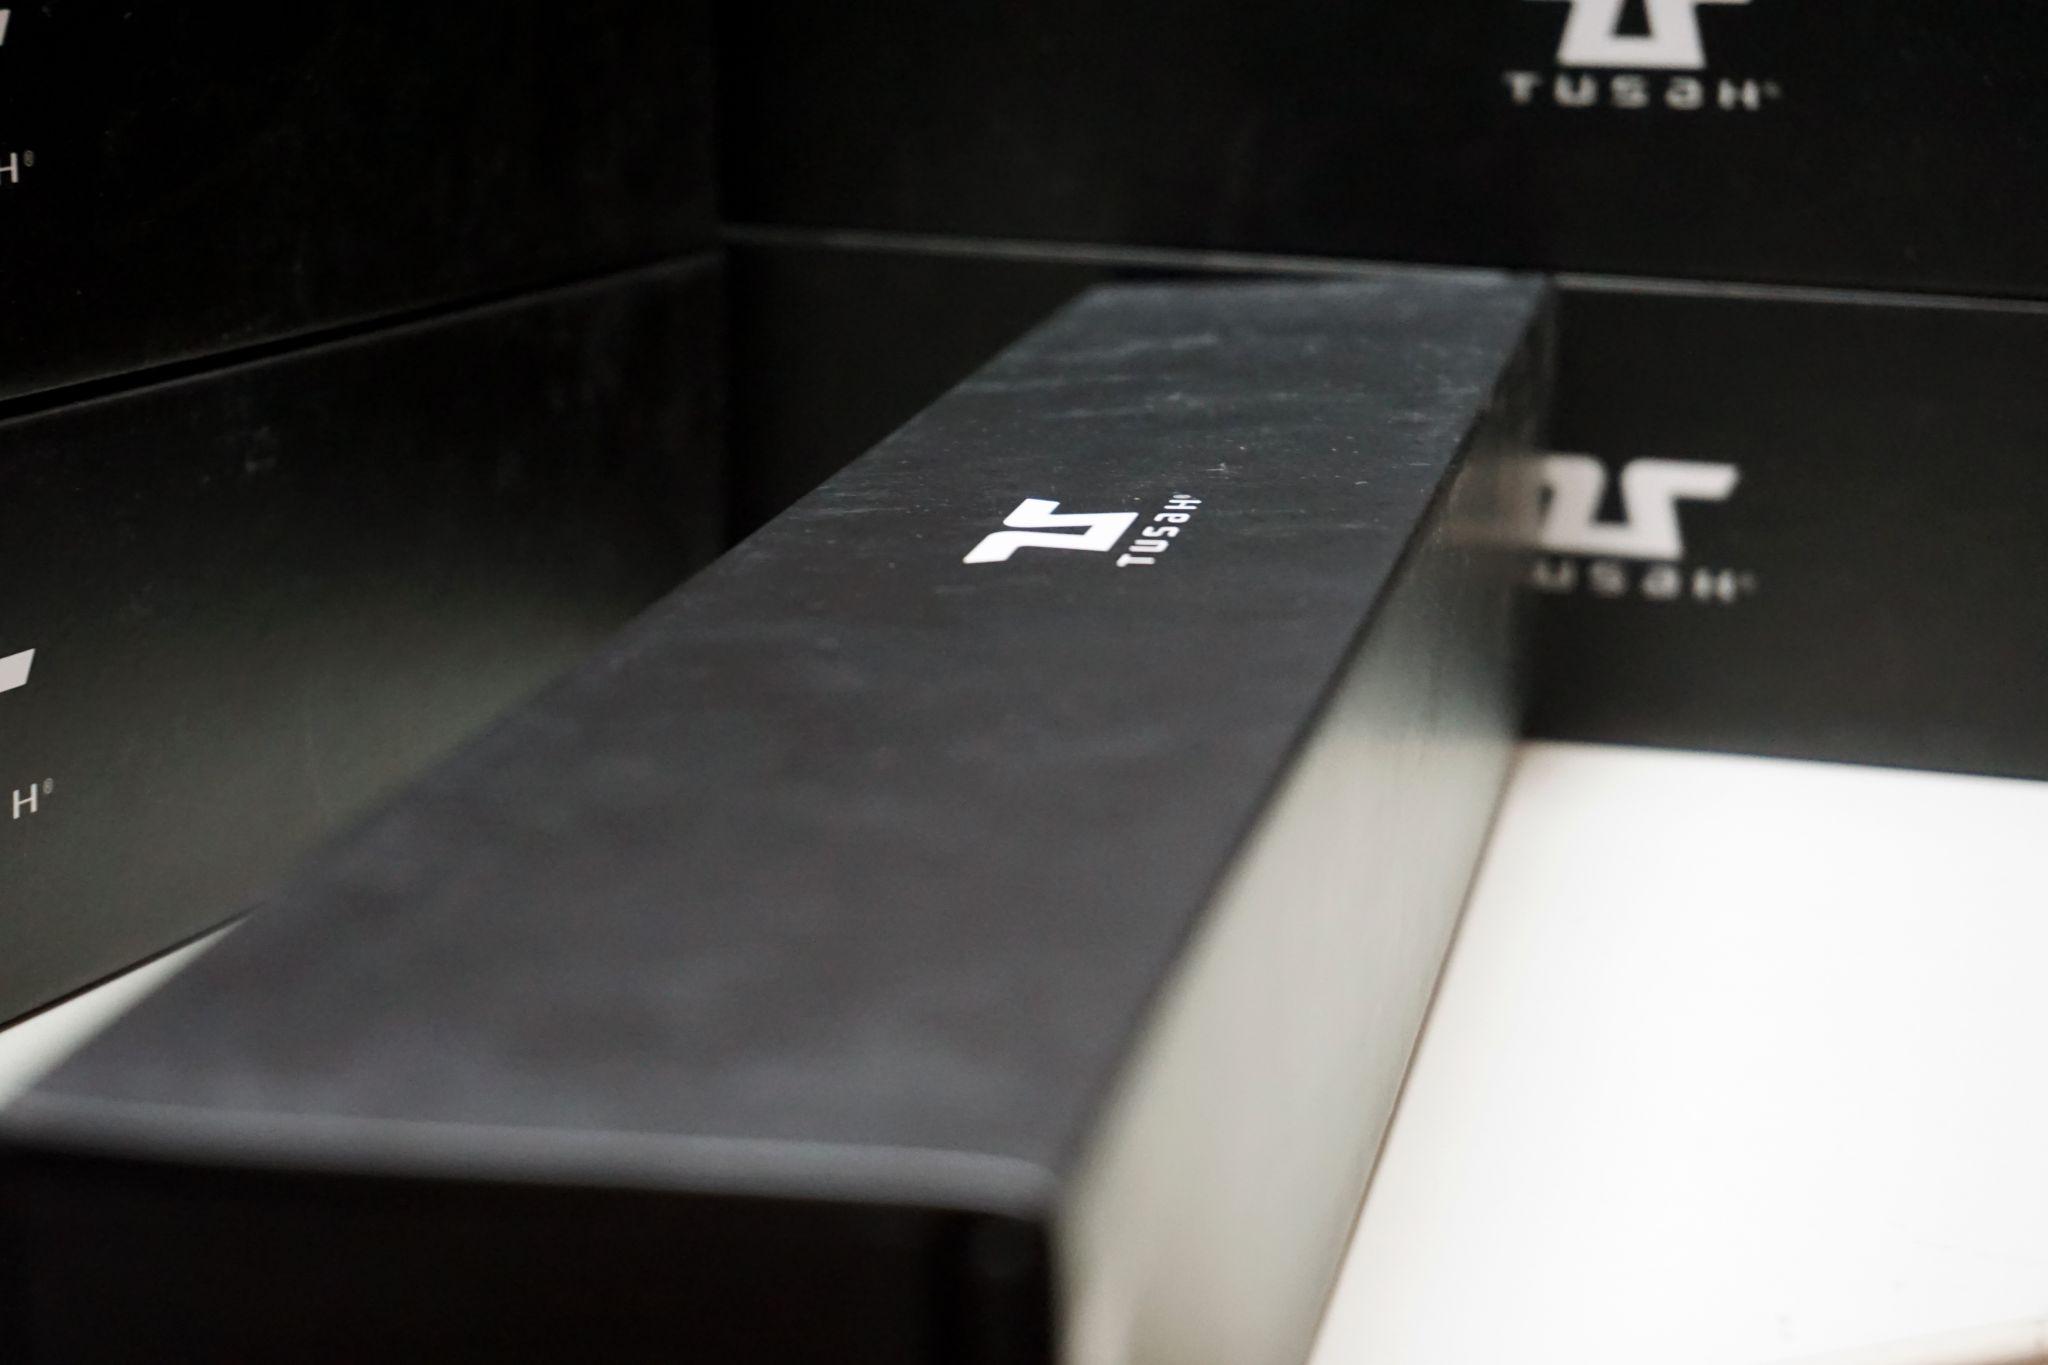 Cintura Nera Tusah Fighter per Taekwondo Karate e Judo con custodia Magnetica 100% Cotone di alta qualita